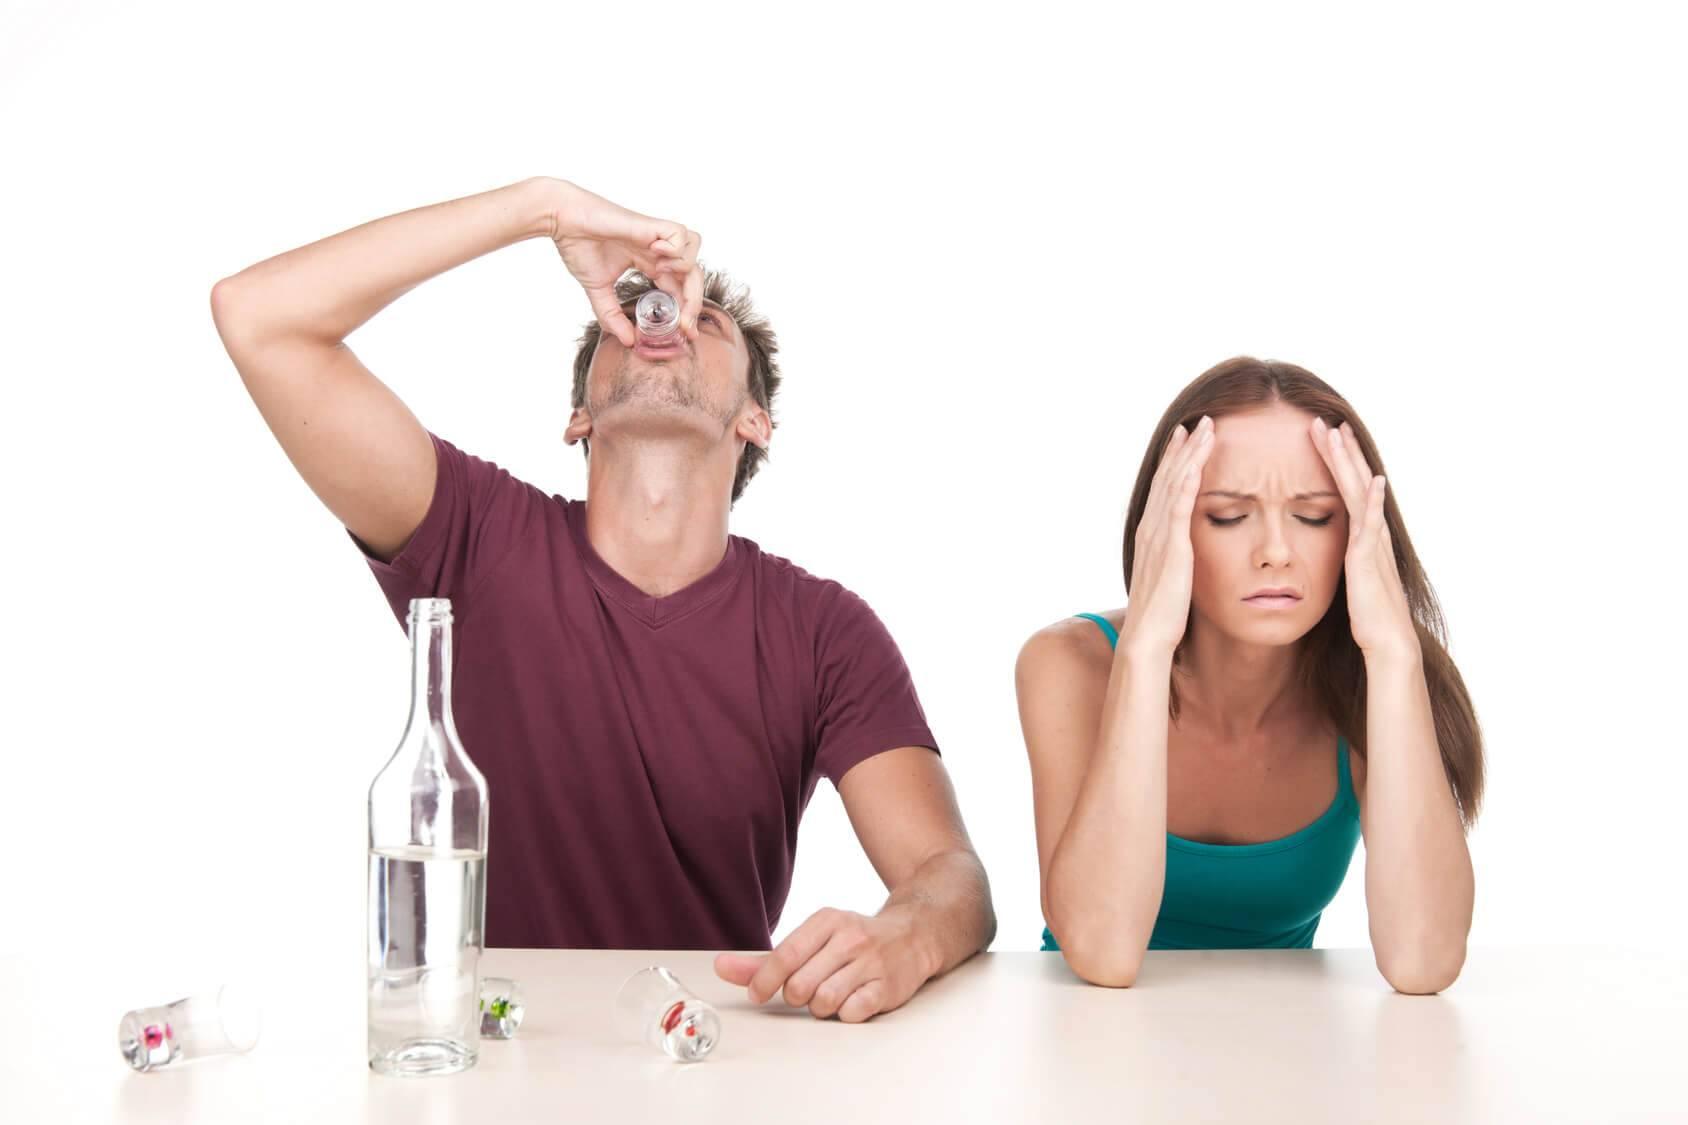 Как пройти тест на алкогольное опьянение?